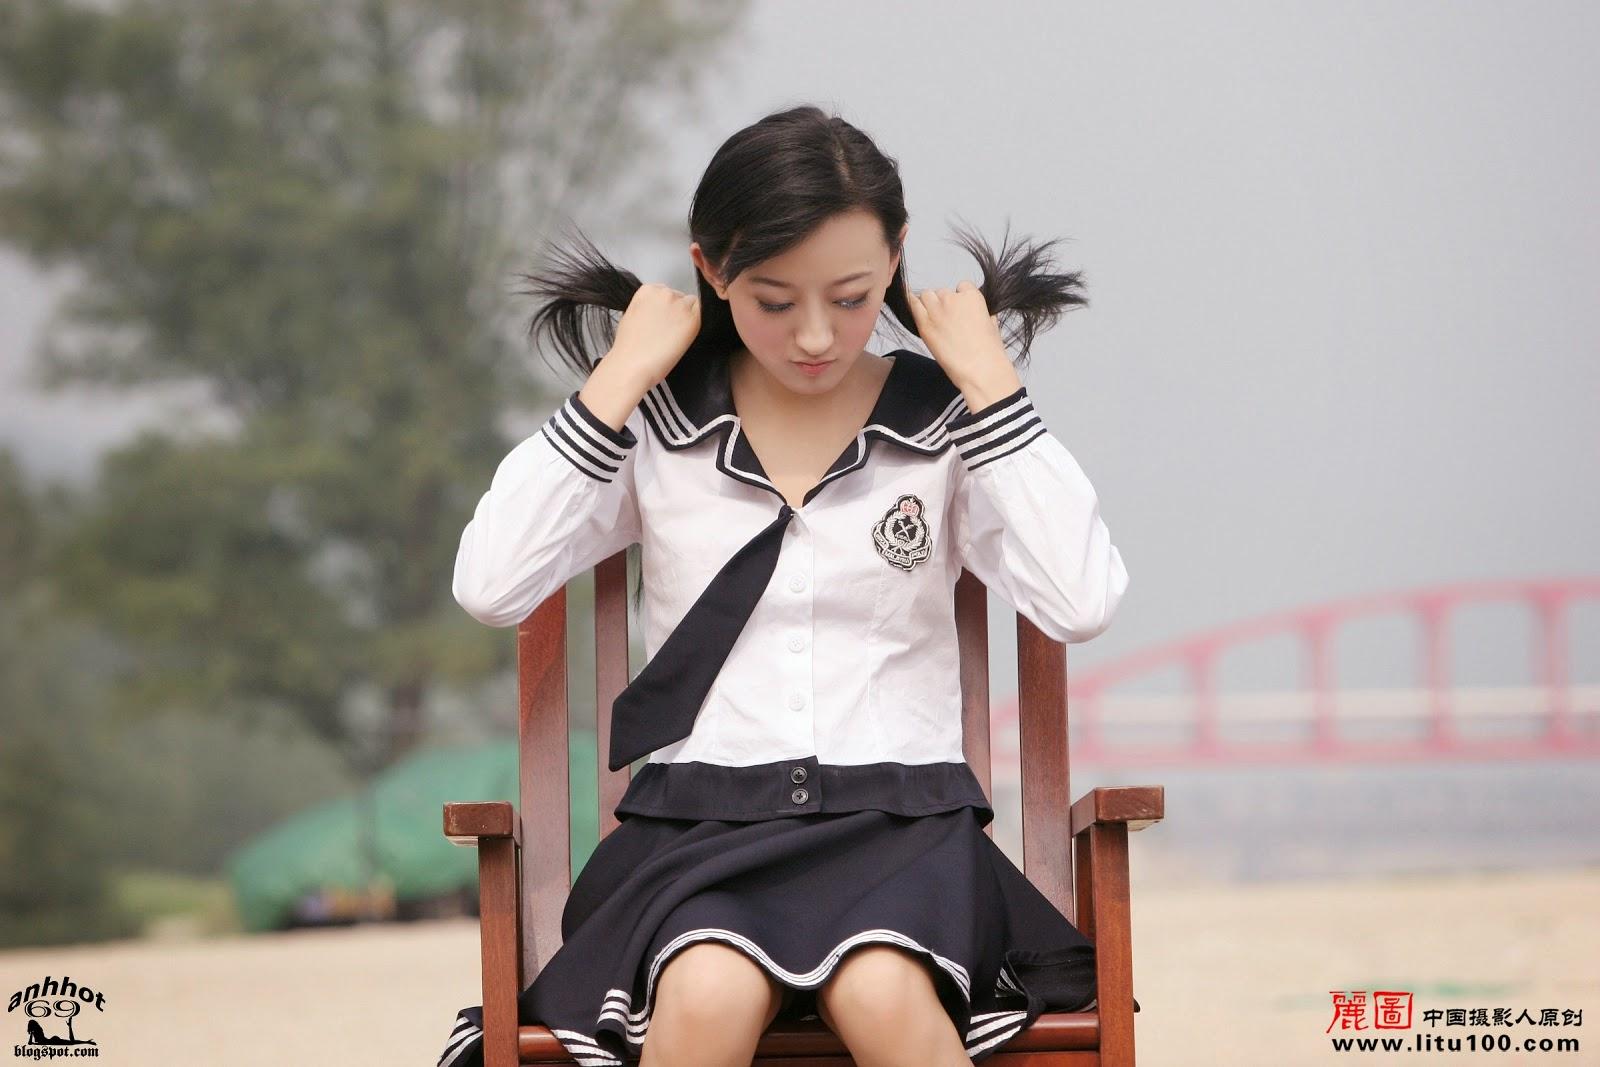 litu-200600819-zhang-tian-yi-sea_IMG_6273